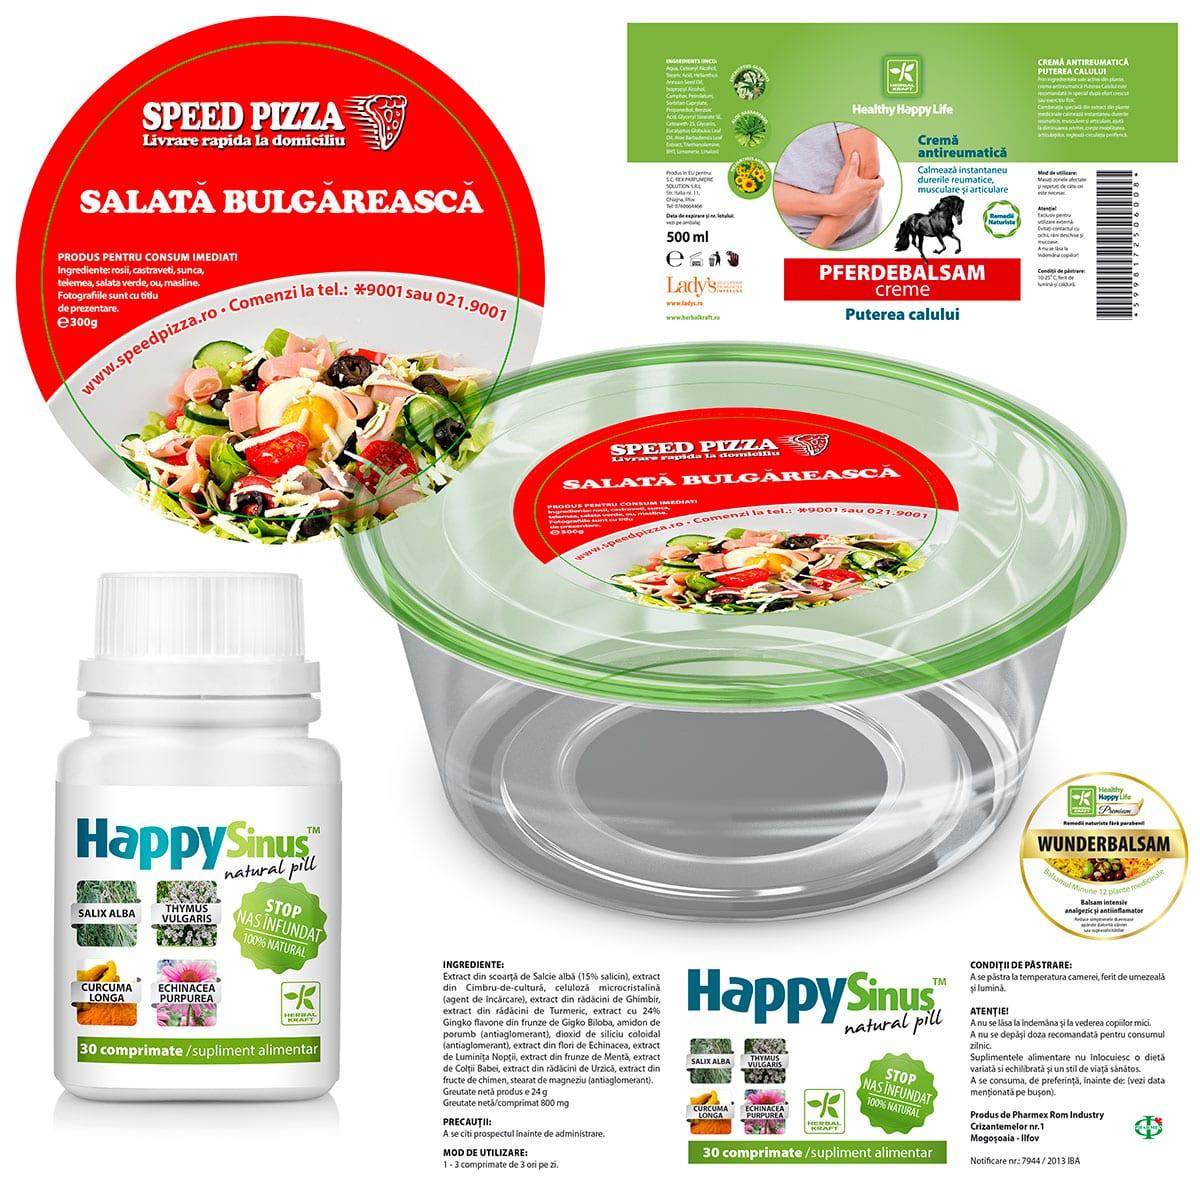 Alege un design de etichetă care va scoate în evidență produsul tău atunci când va sta pe raft alături de produsele concurenței!